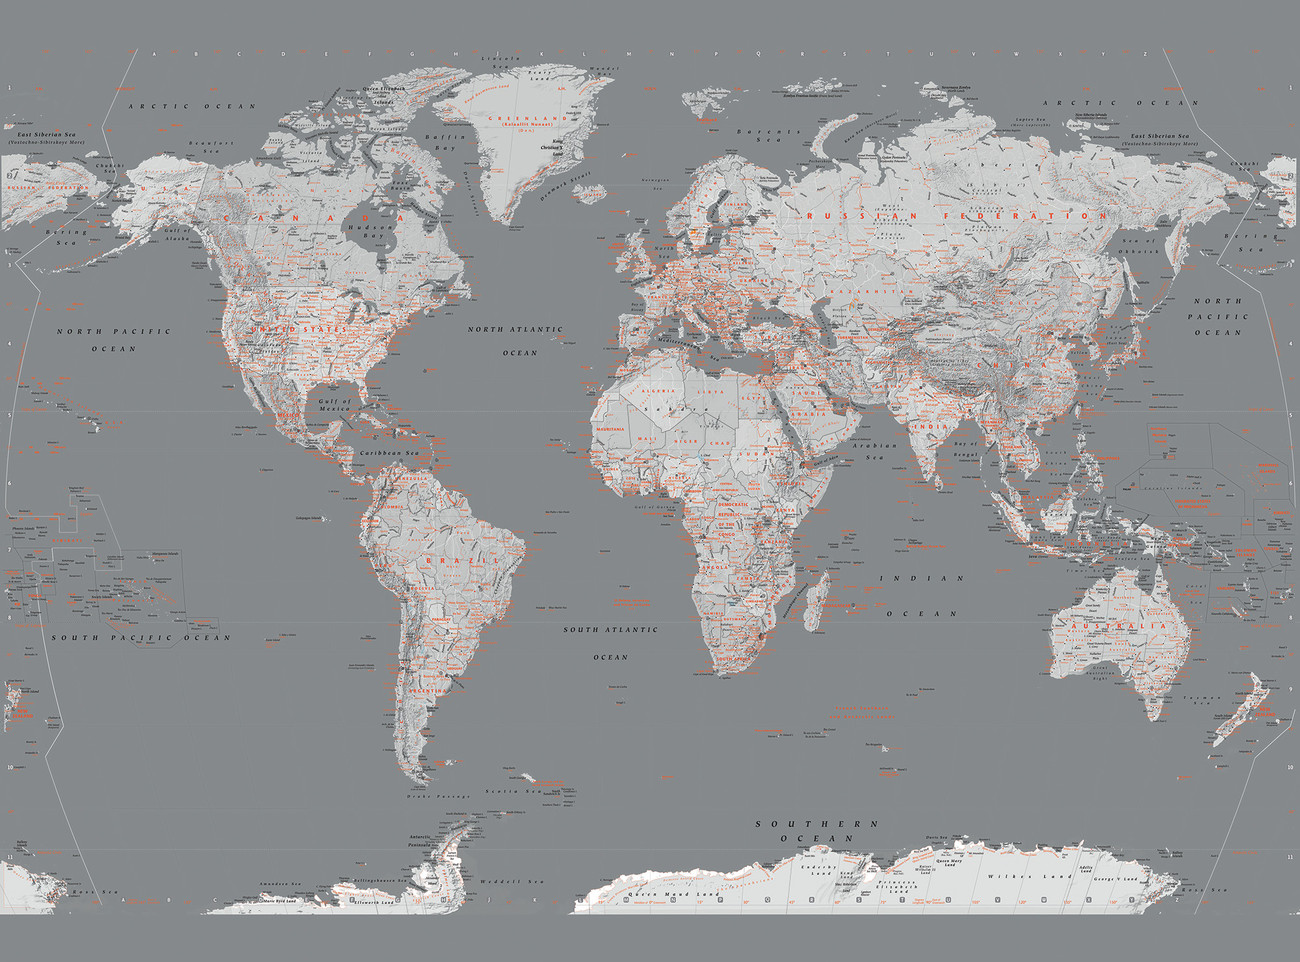 Mapa Sveta Stribrno Oranzova Fototapeta Tapeta Na Zed Na Posters Cz